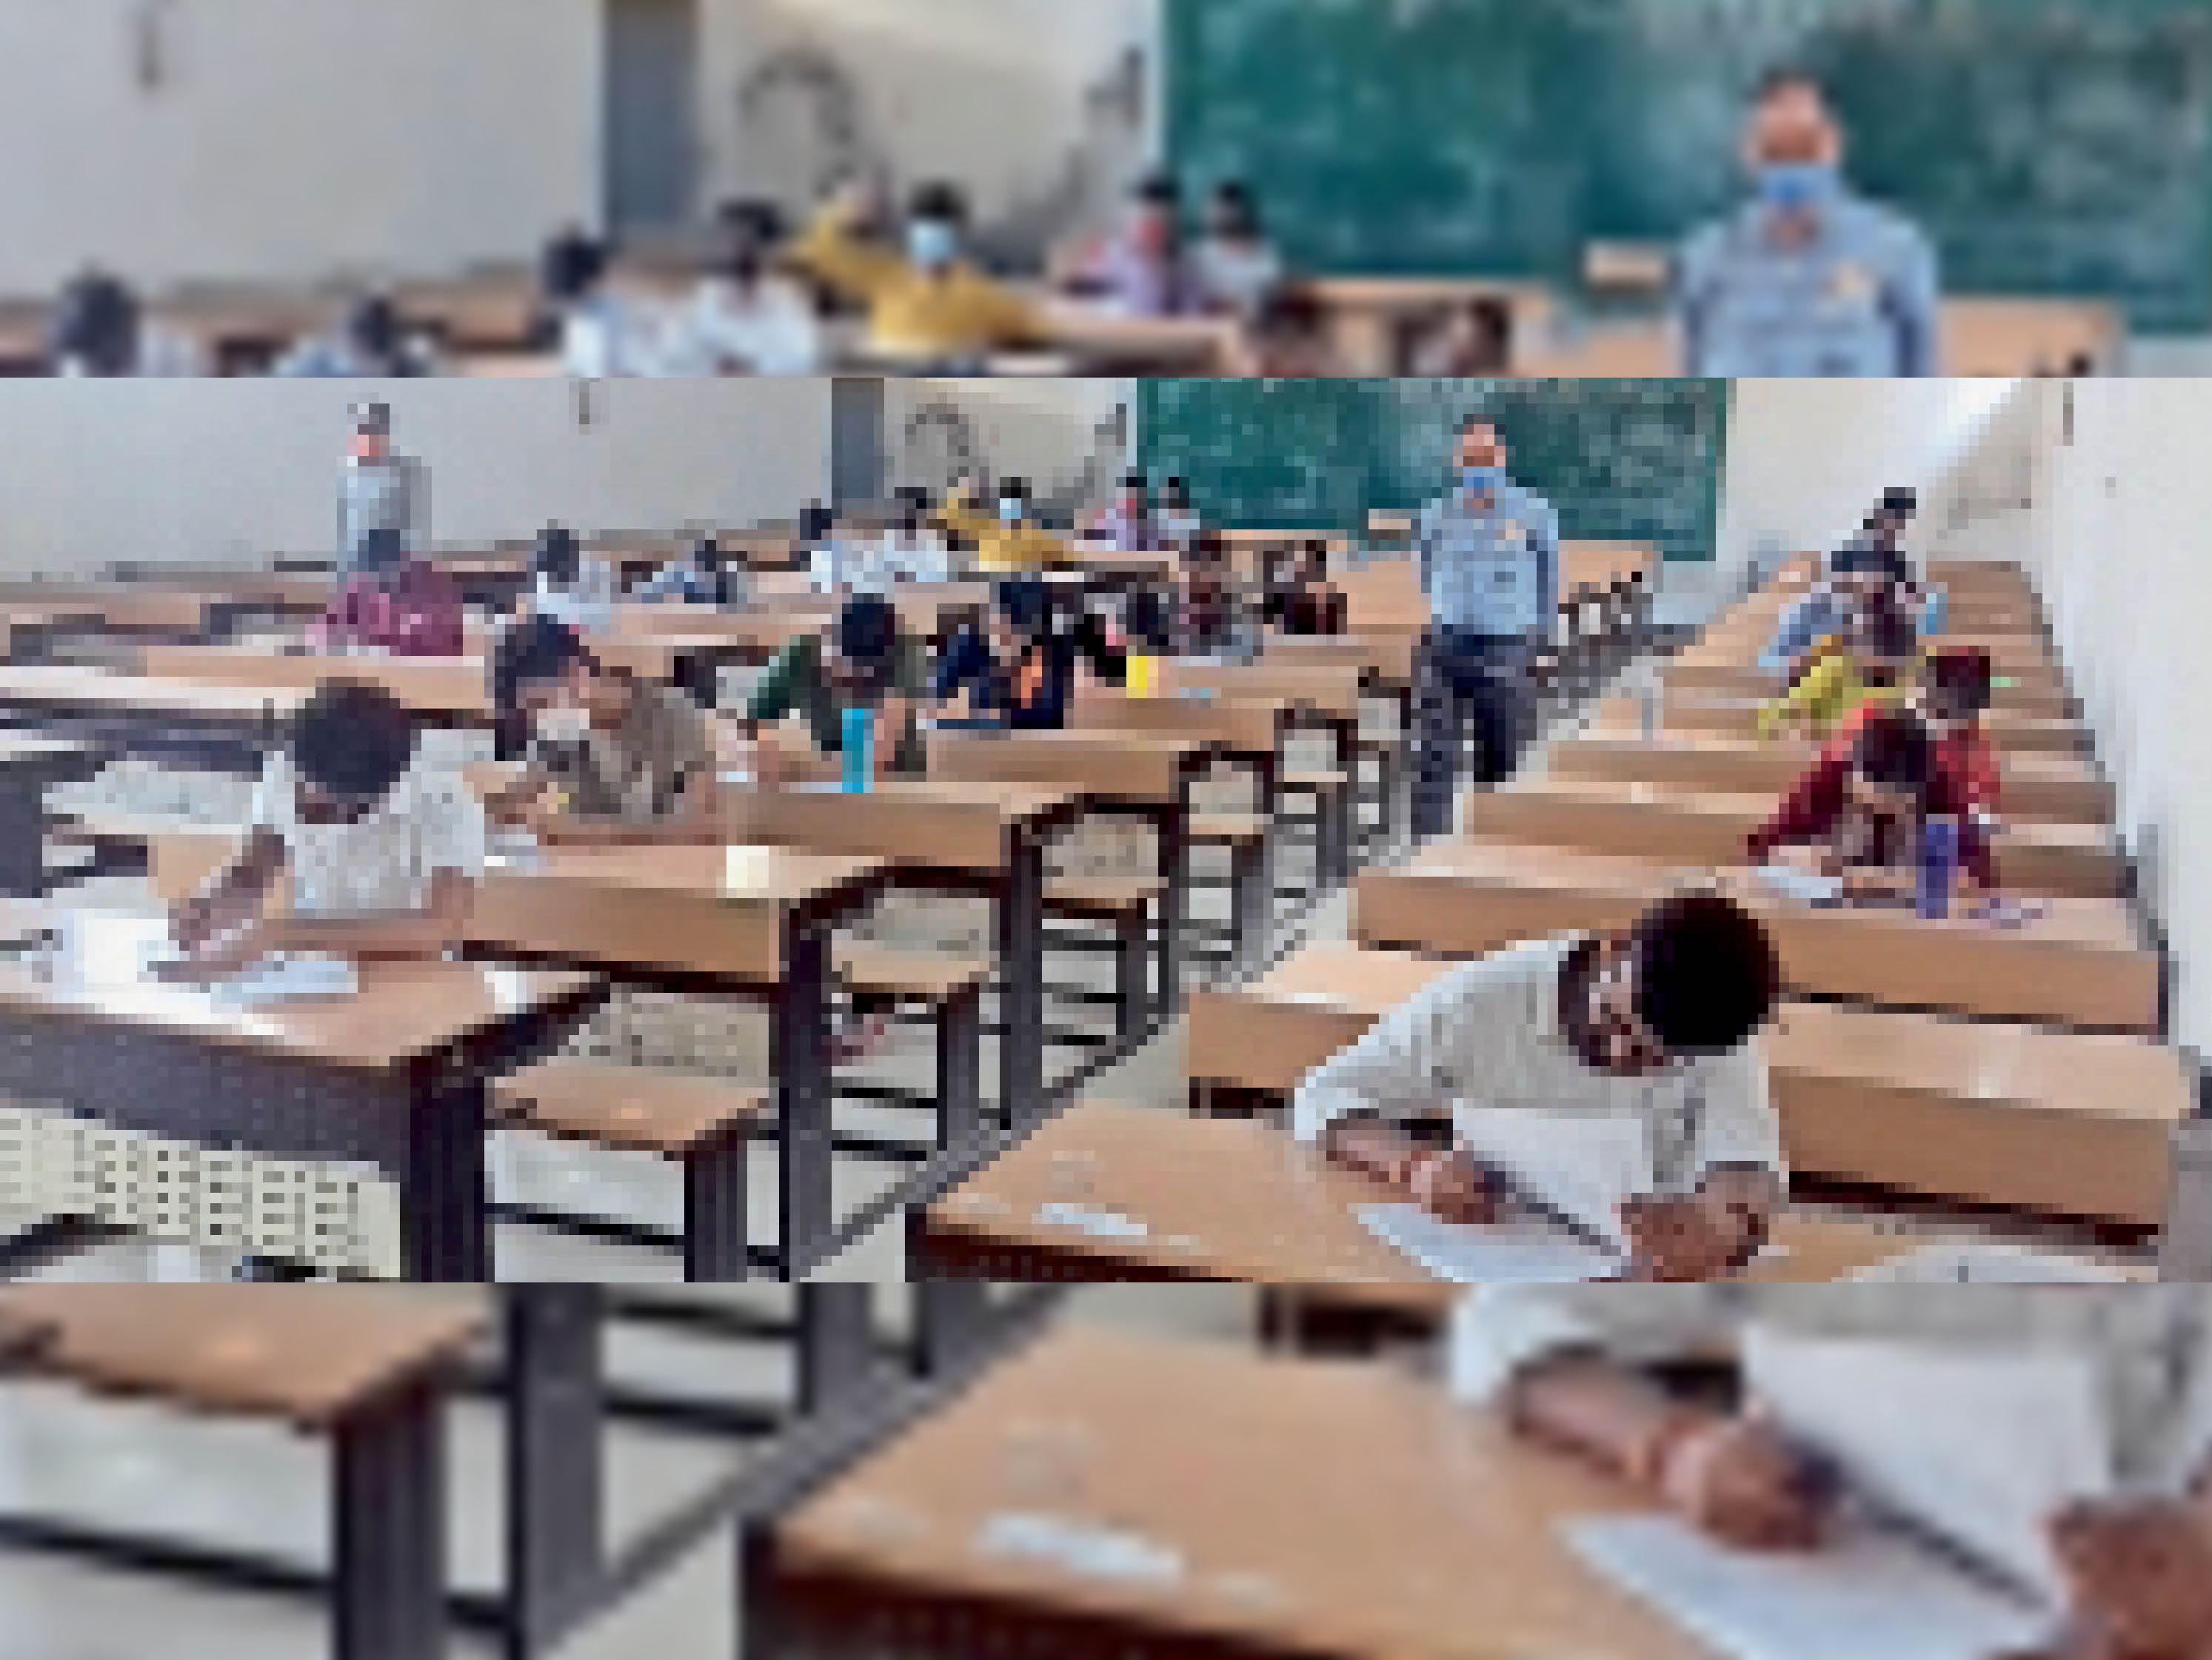 उत्कृष्ट विद्यालय में विशेष परीक्षा देते विद्यार्थी। - Dainik Bhaskar